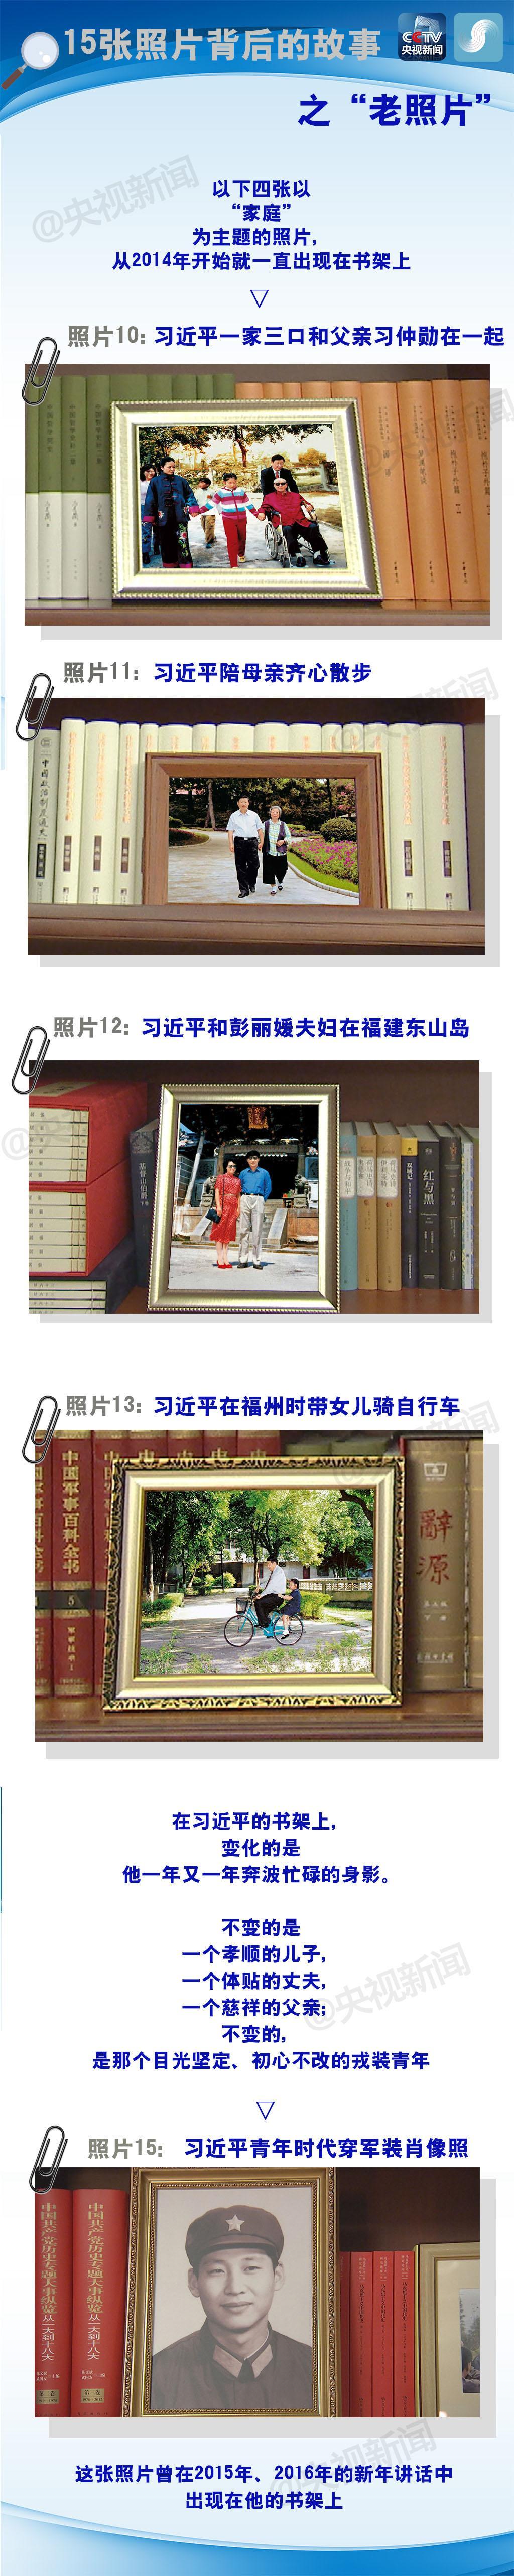 变与不变,一图看懂习主席新年贺词背后的照片|公司新闻-张家口国特环保工程有限公司